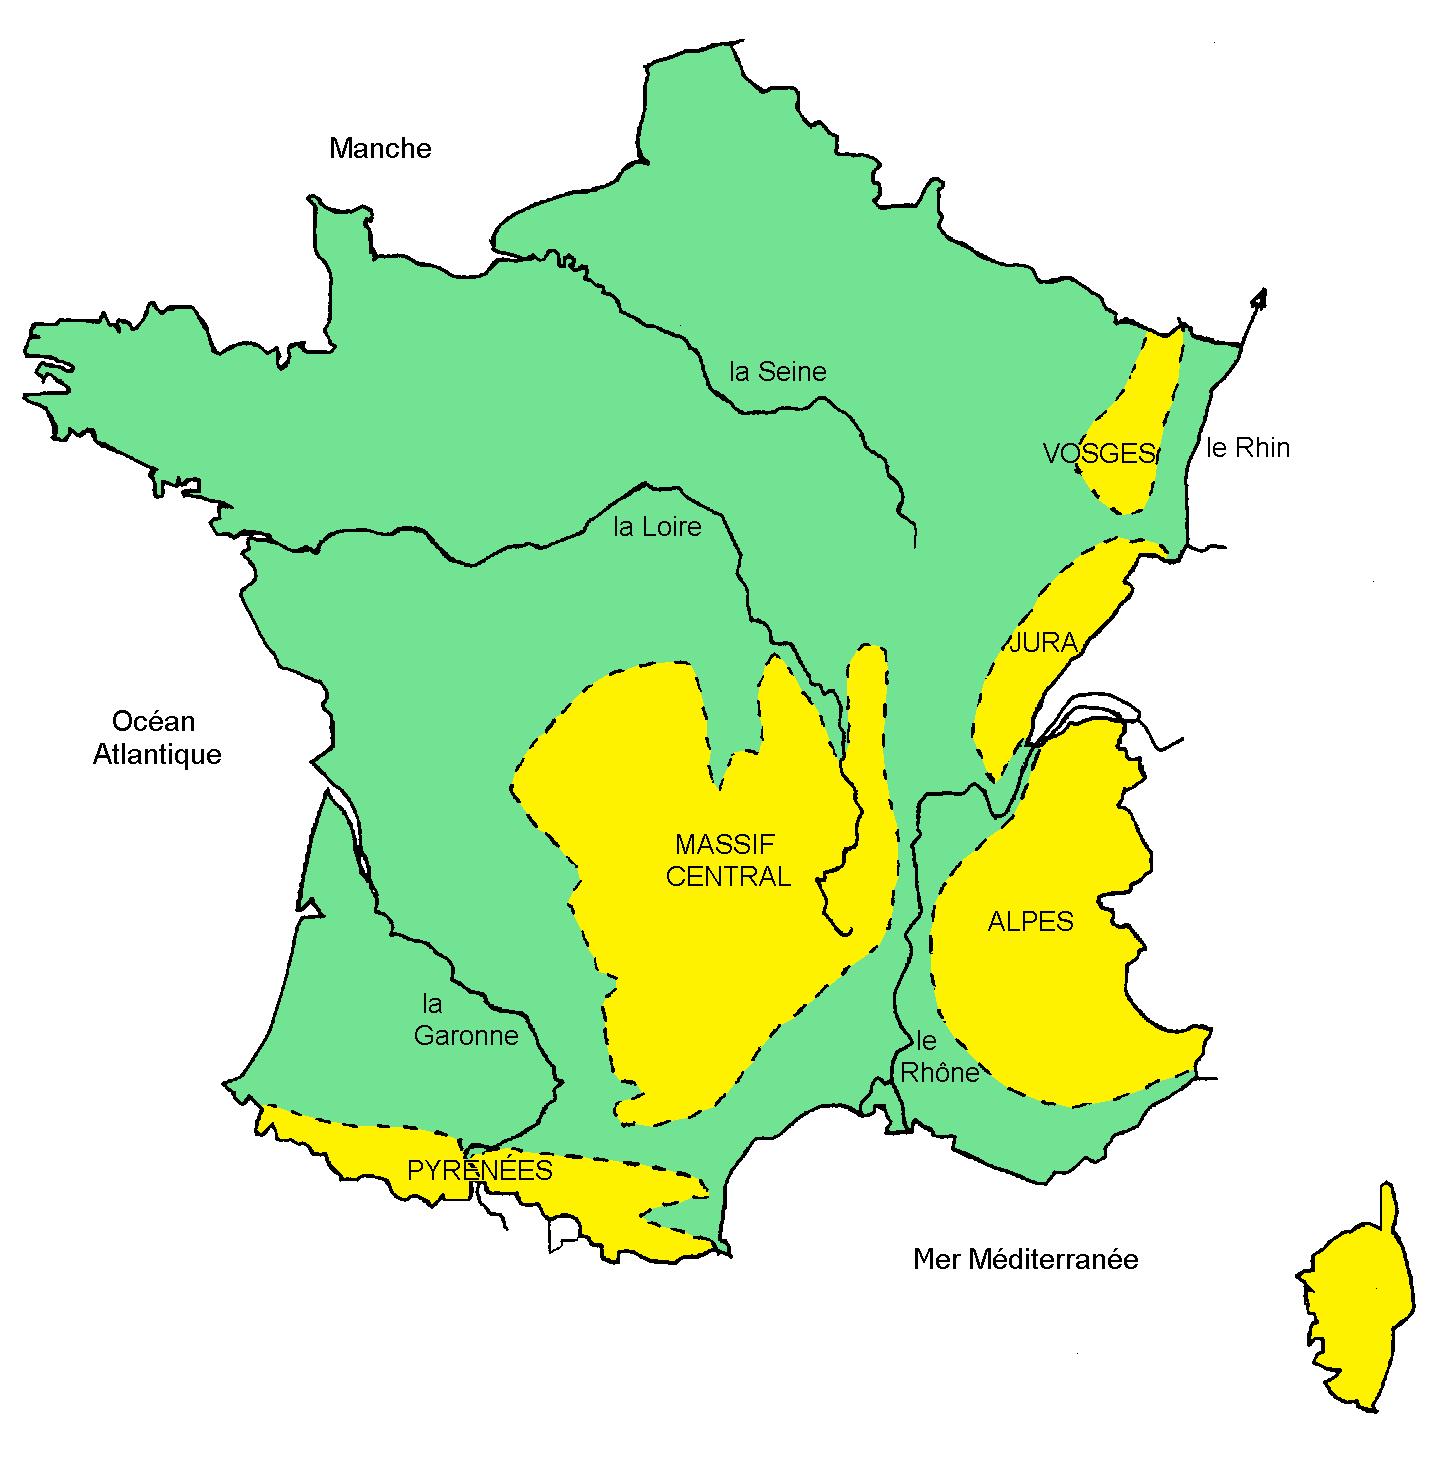 Télécharger Carte De France Fleuves Et Montagnes Vierge Pdf à Carte De France Des Fleuves